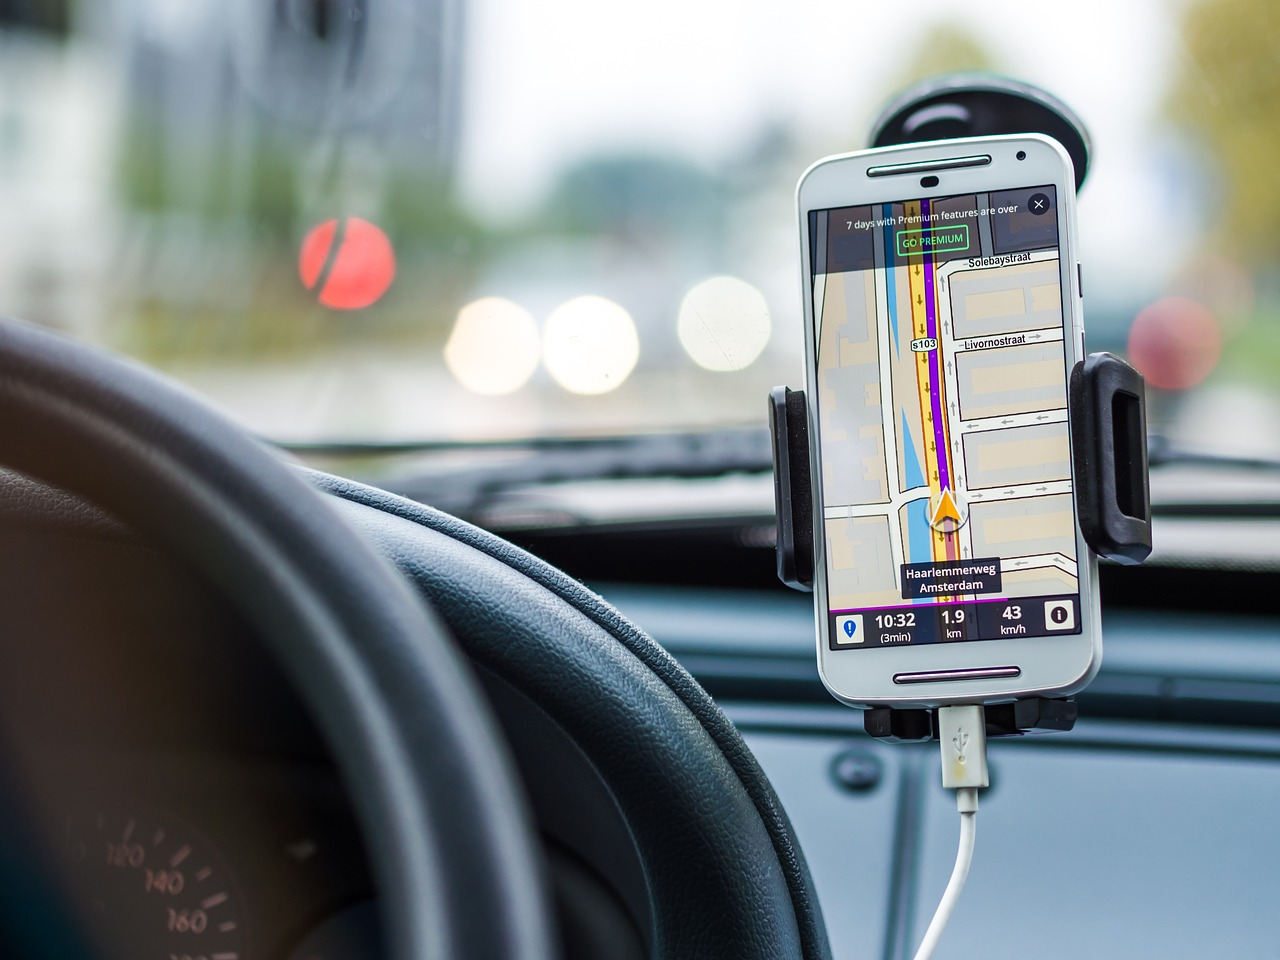 Hvorfor skal jeg have en GPS-tracker i min bil?